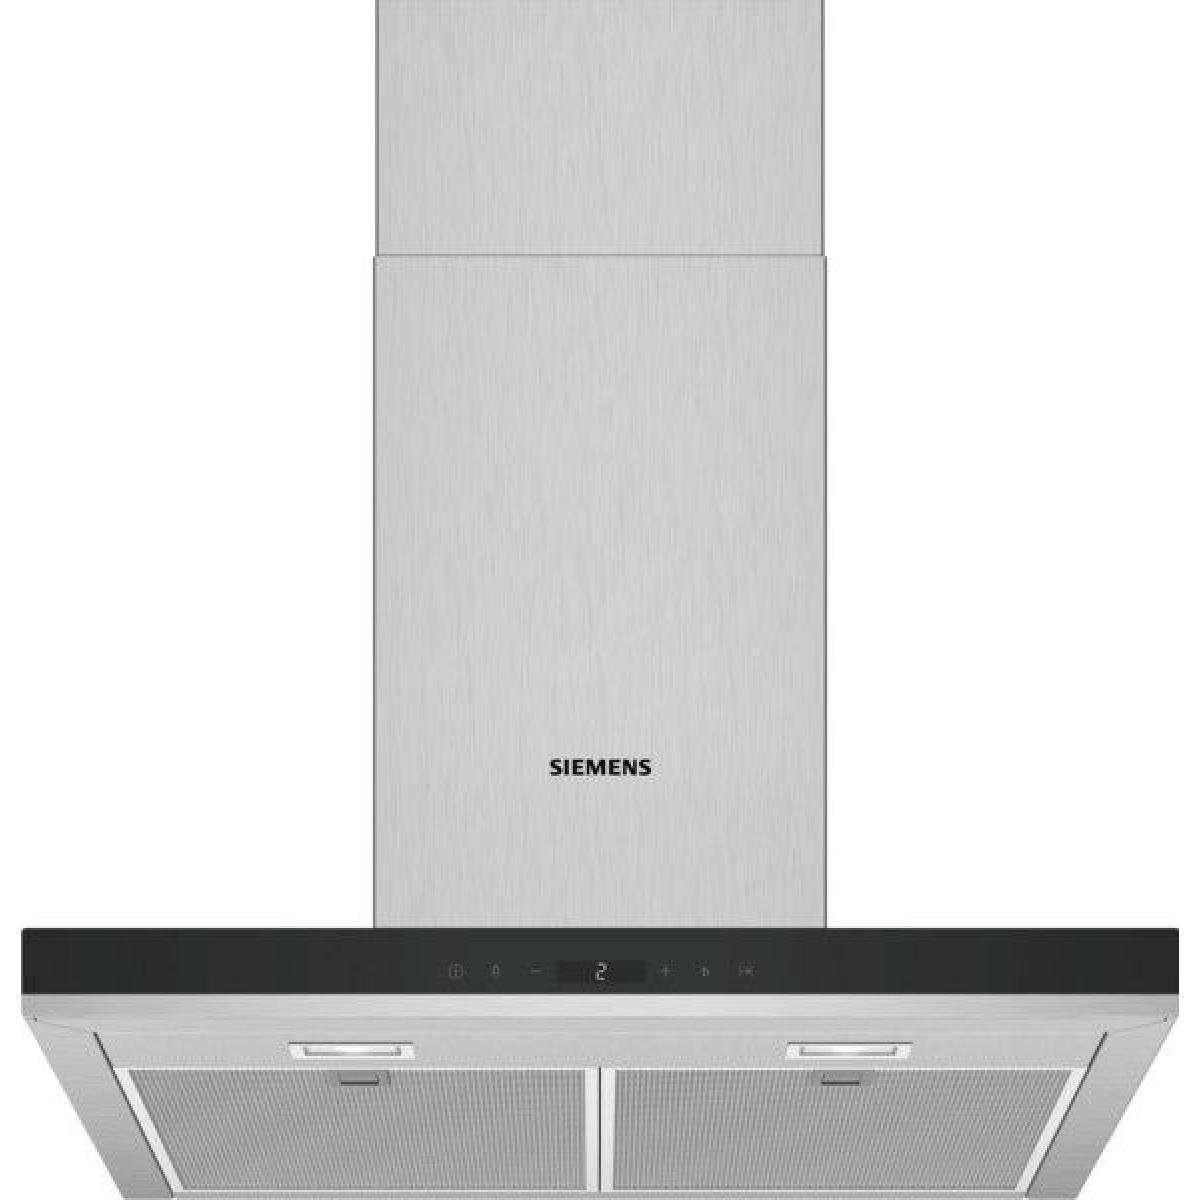 Siemens Hotte décorative 500m³/h SIEMENS 143W 60cm, LC 67 BHP 50